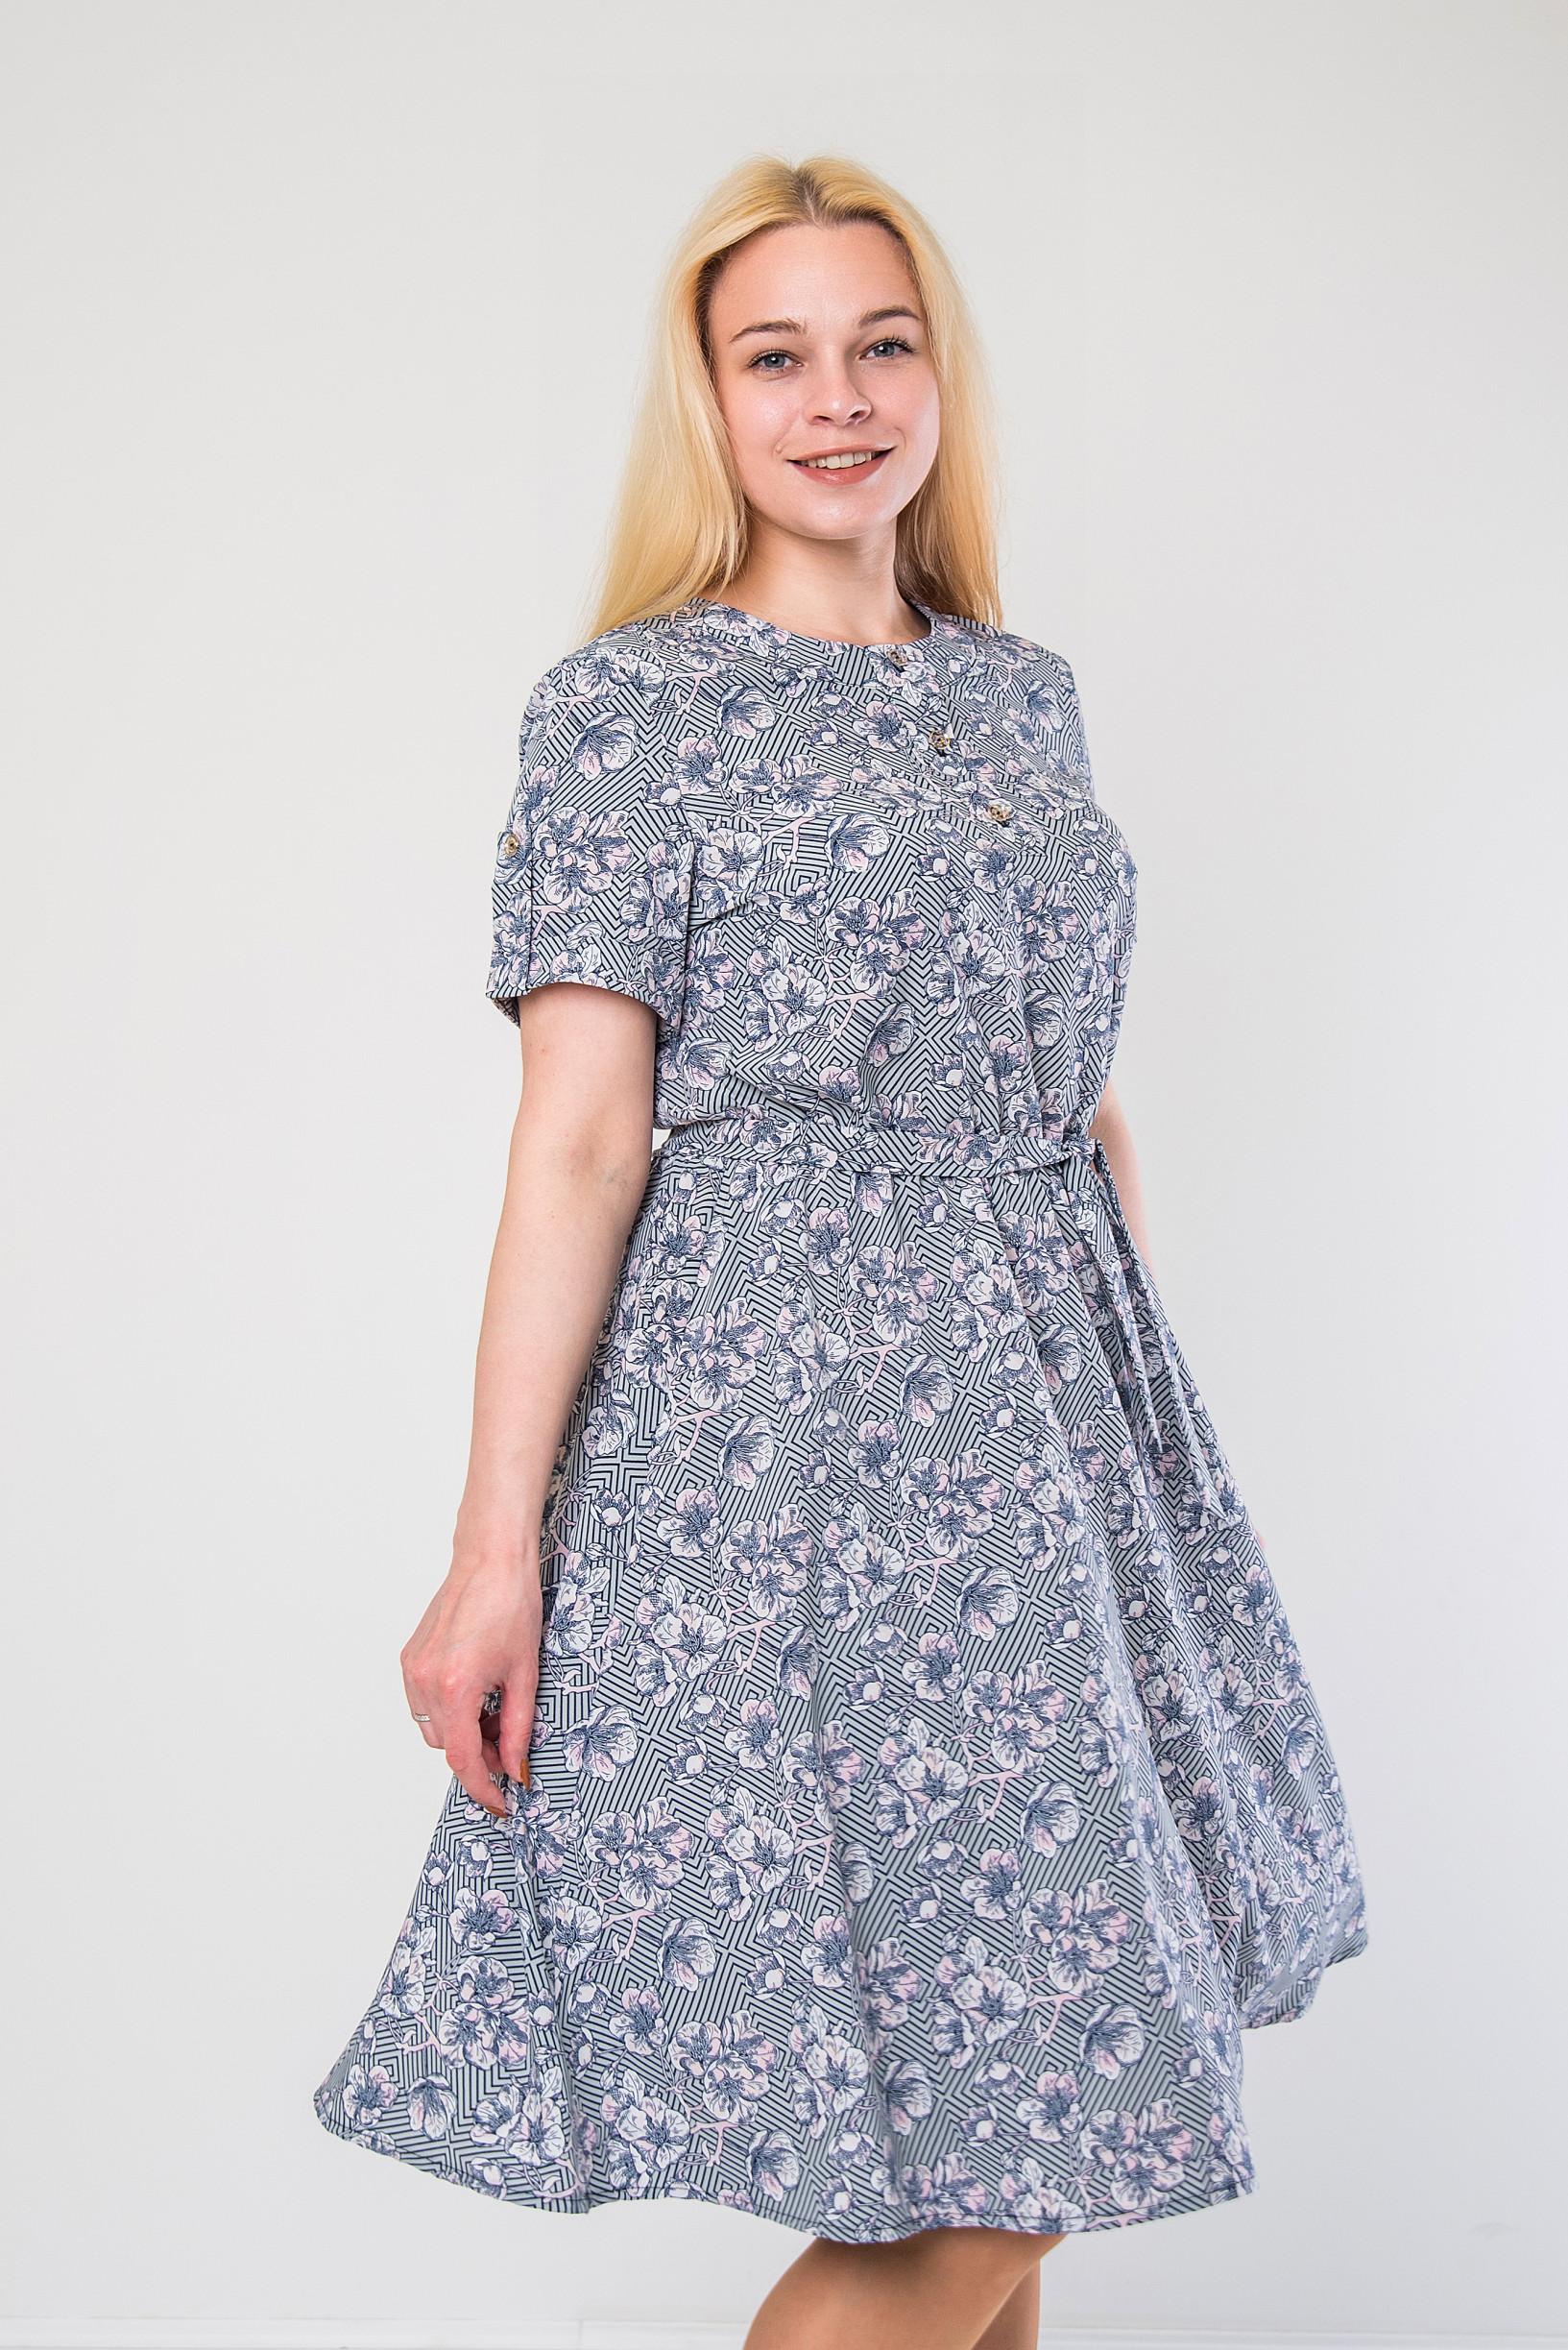 Нежное платье из софта п-897 серое